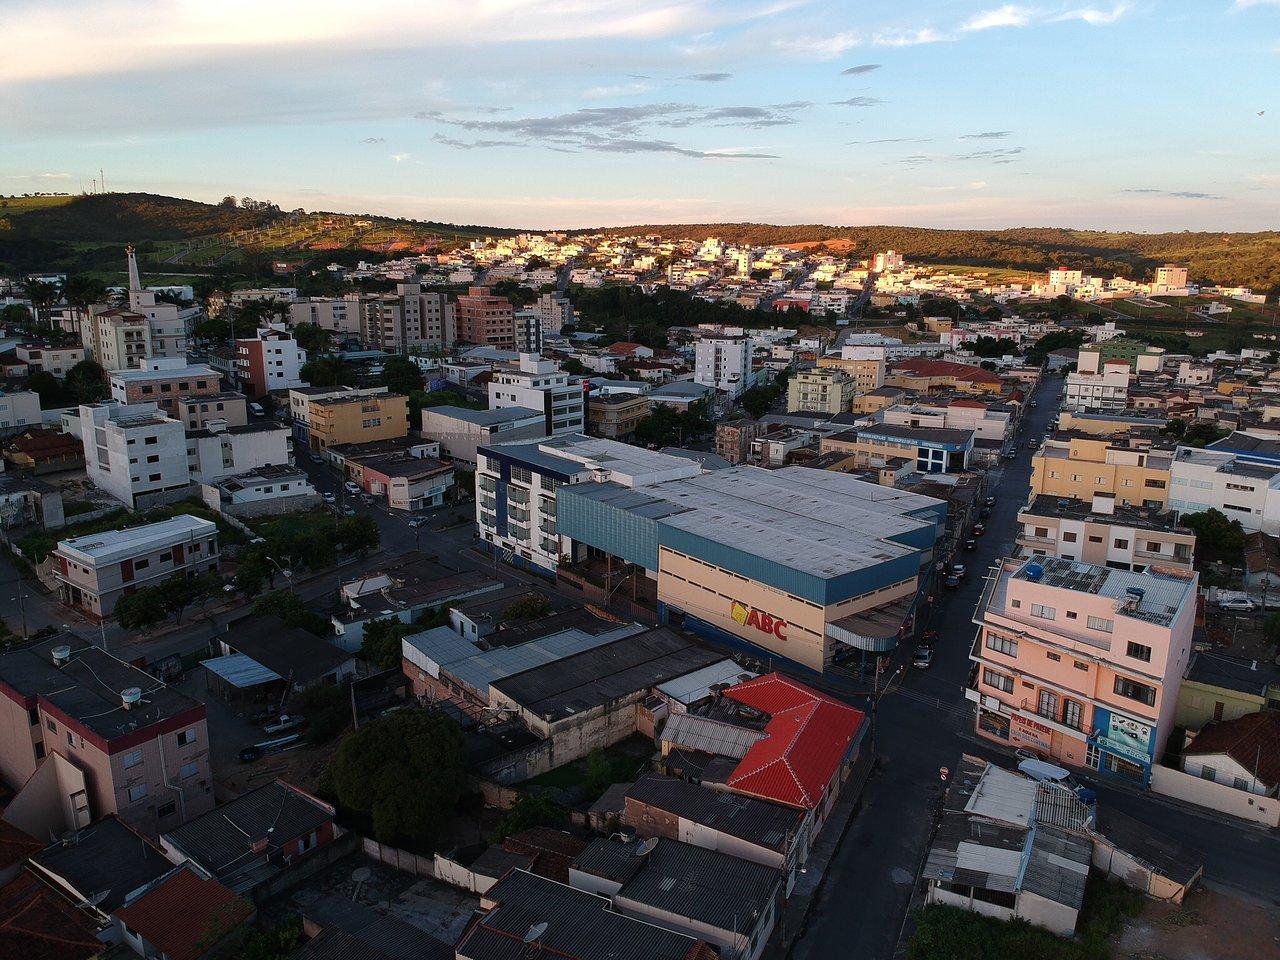 Santo Antônio do Monte Minas Gerais fonte: media-cdn.tripadvisor.com